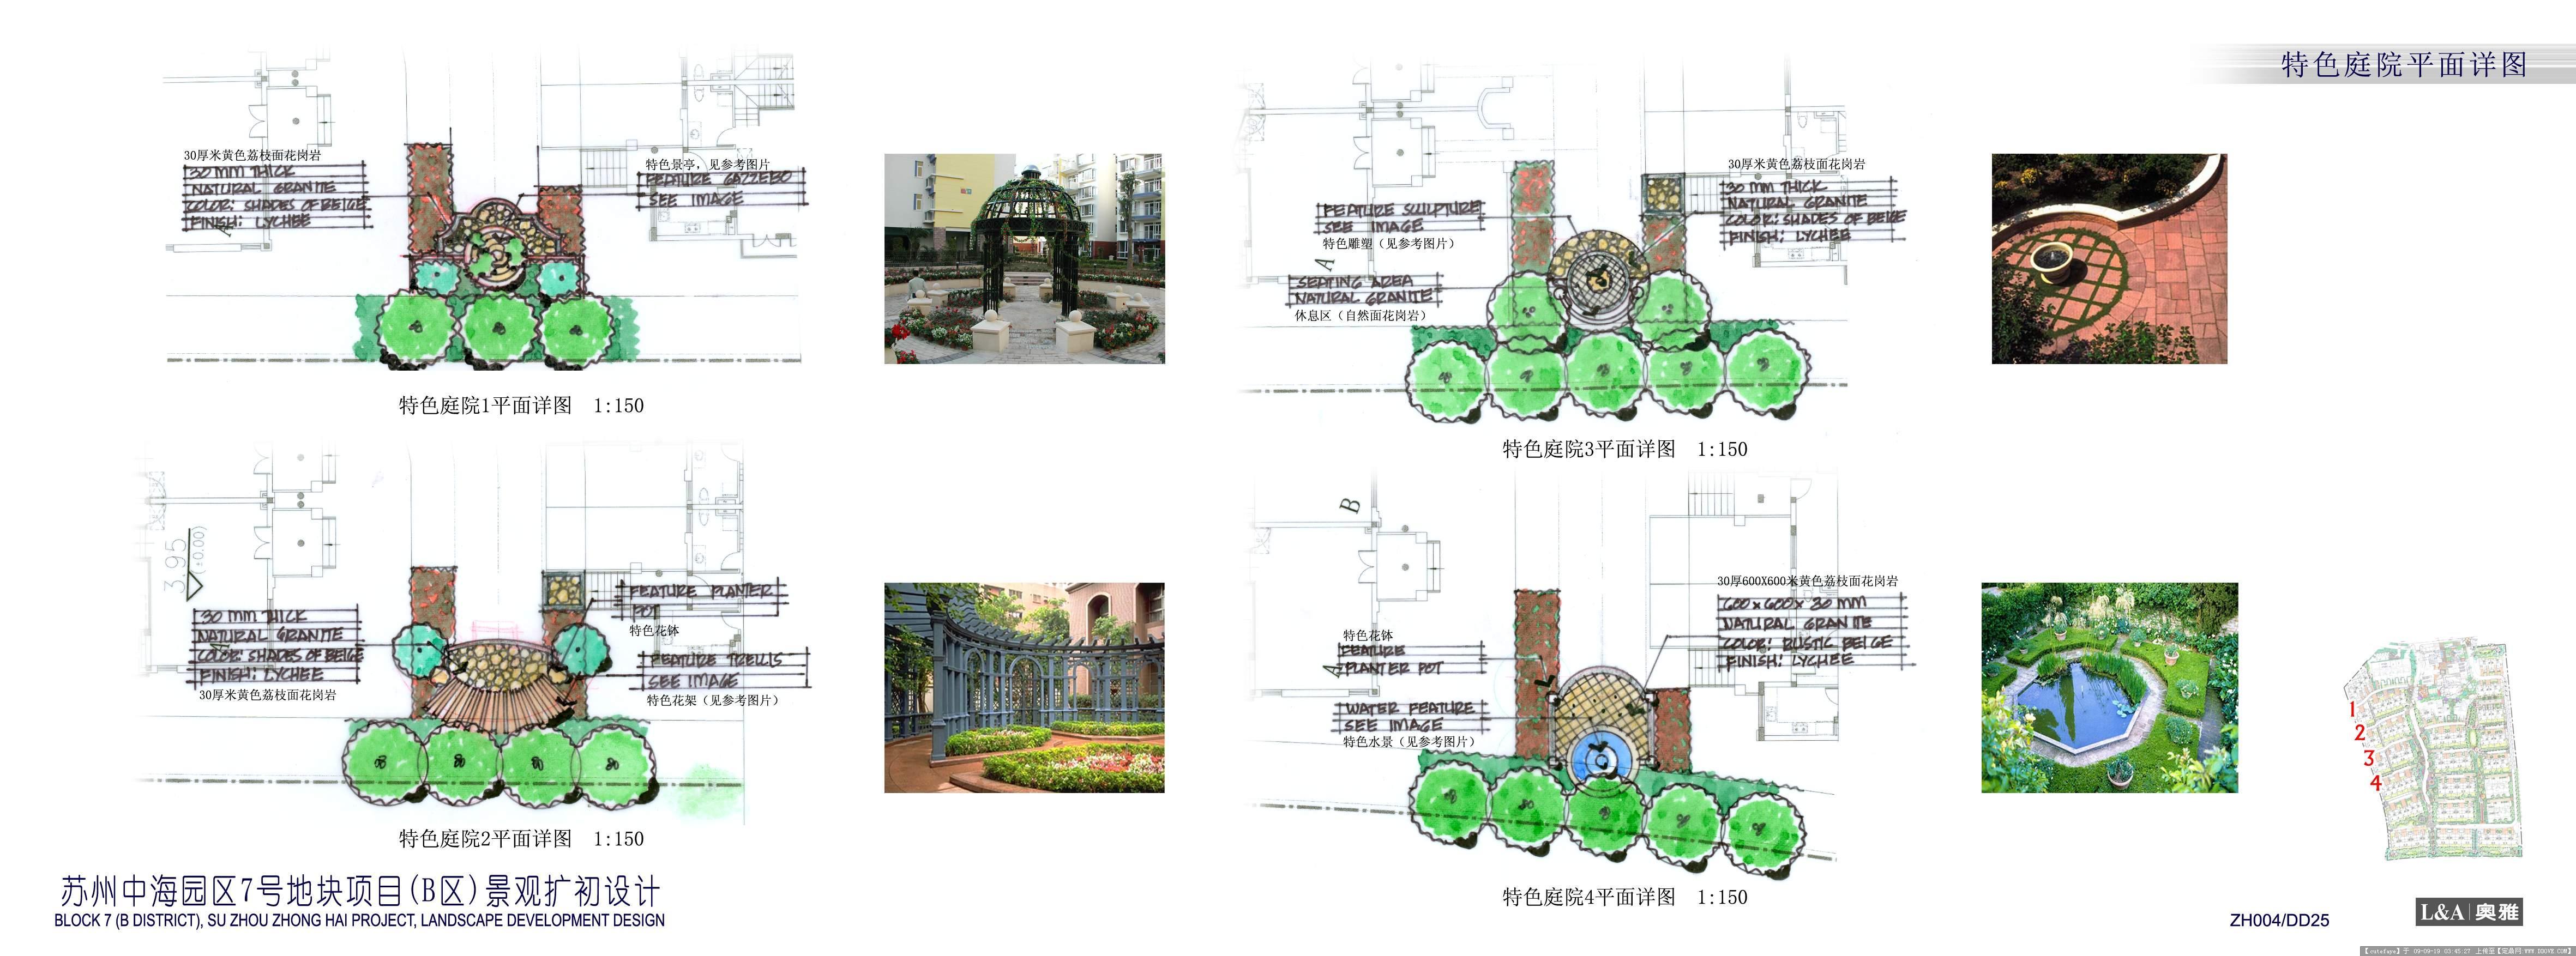 苏州某小区景观扩初手绘文本-dd25特色庭院平面.